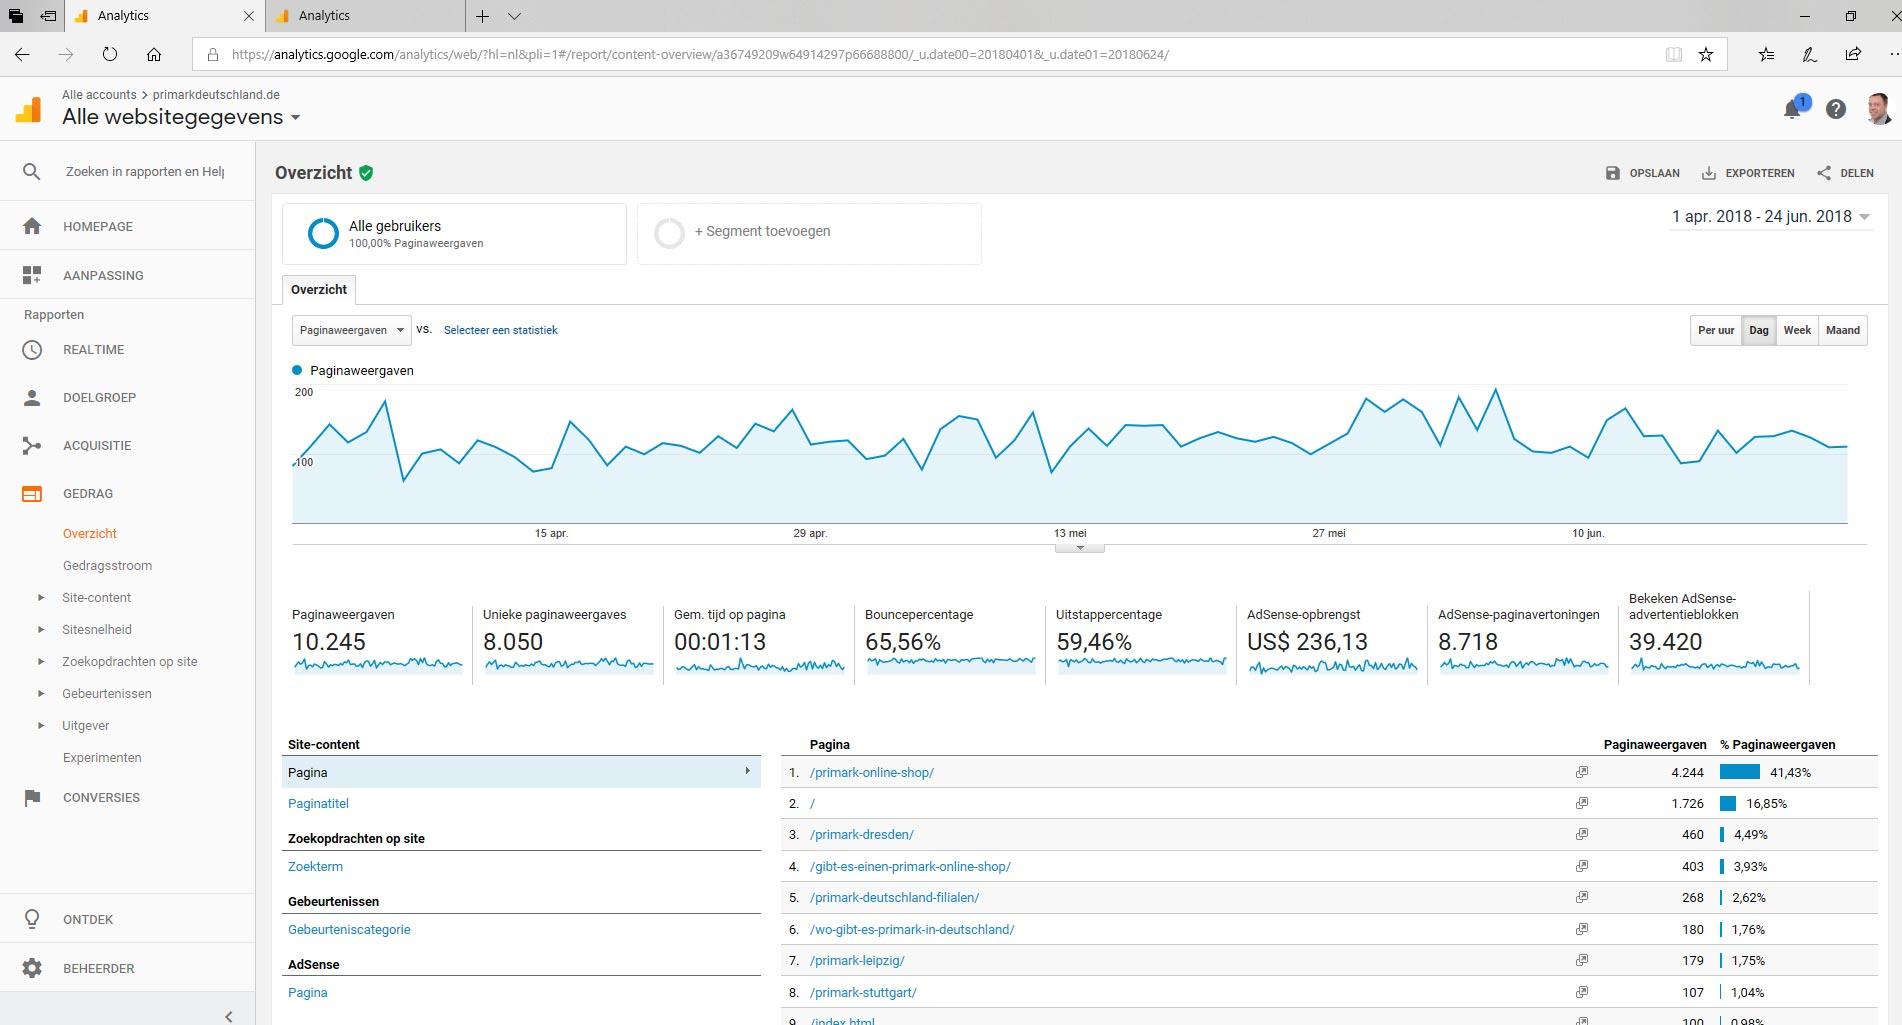 GROOT MODE GERELATEERD website netwerk te koop (ACTIEF IN: NL/DE/AT)-overzicht-jpg